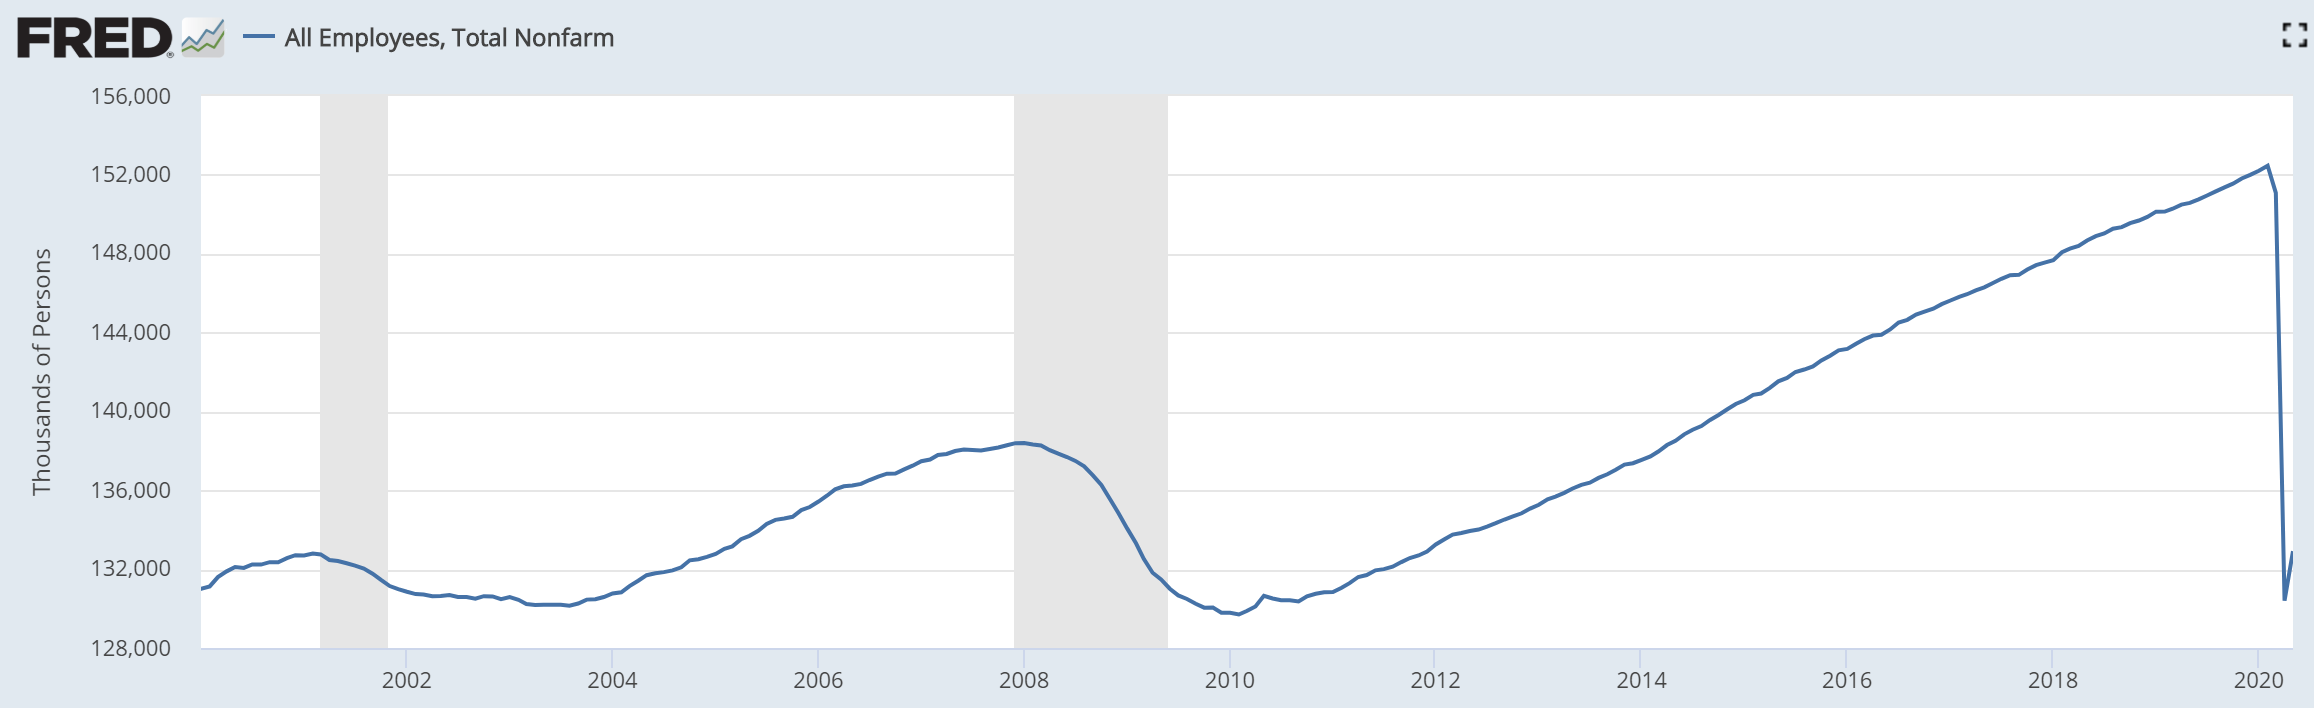 Nonfarm payrolls, 2002-2020